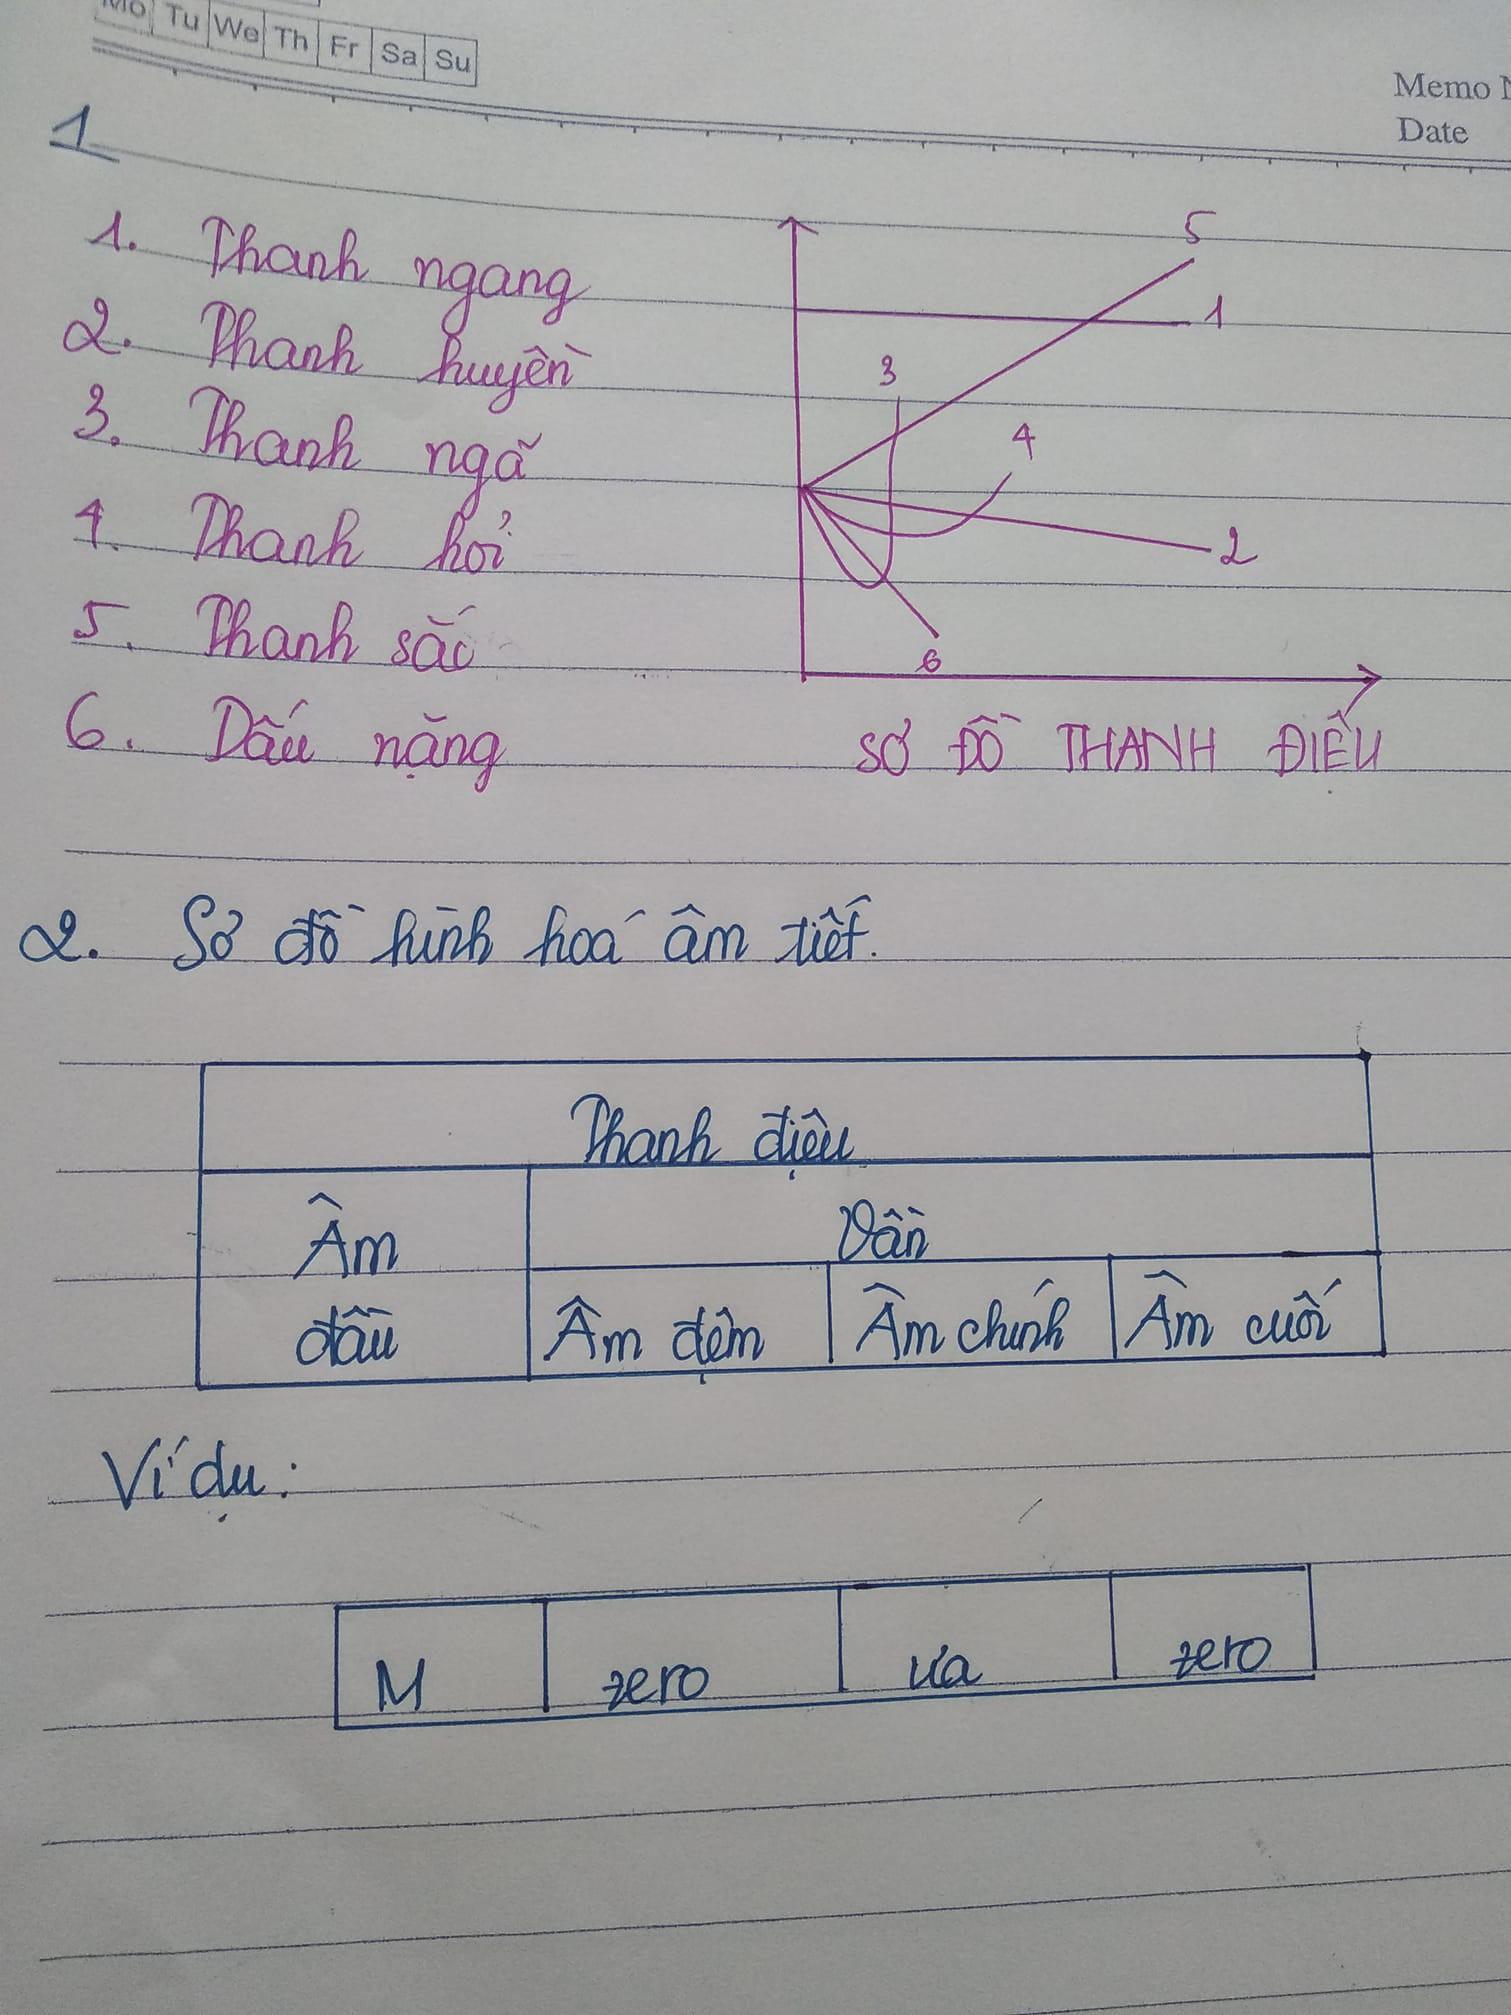 Là Tiếng Việt nhưng không viết không đọc như Tiếng Việt, điểm thi -4, -5, môn học gì khiến sinh viên cuồng quay thế này? - Ảnh 4.